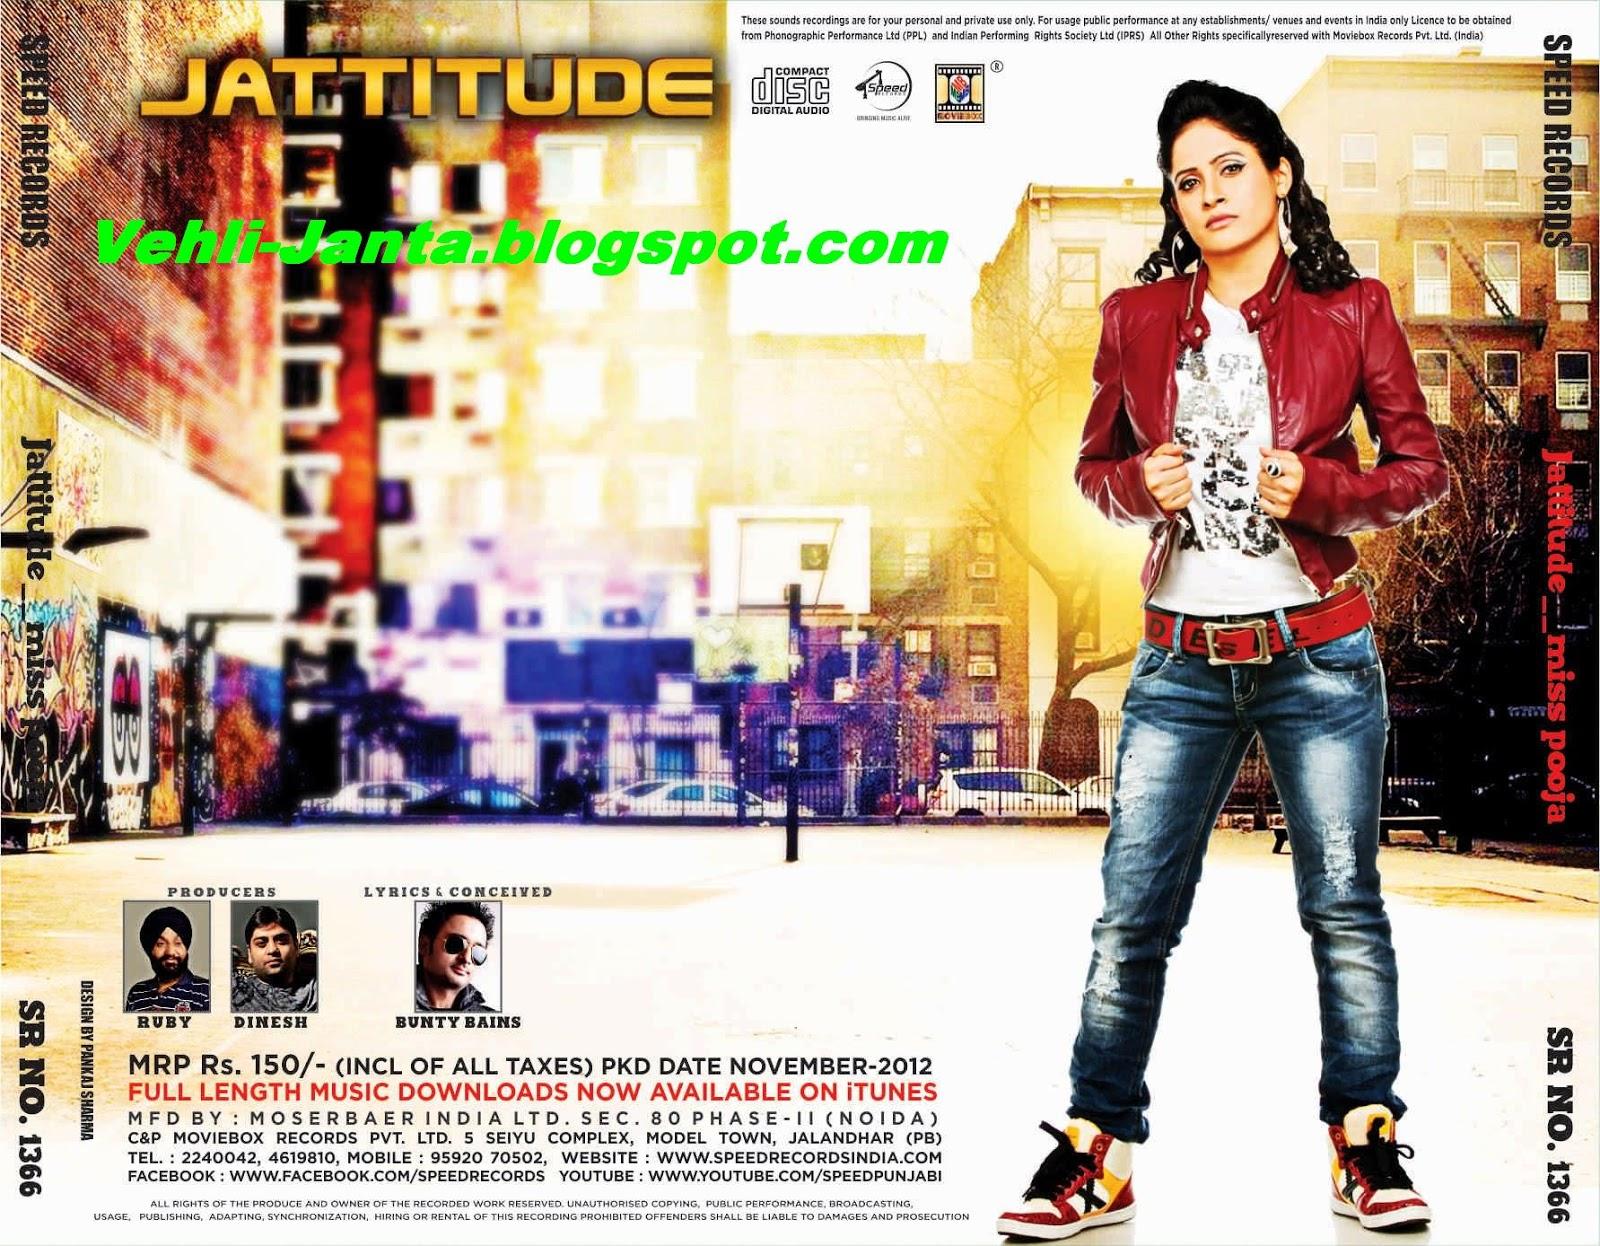 http://1.bp.blogspot.com/-oAOmISuvV6Y/ULi9y1FWXqI/AAAAAAAAAvk/77eGaUVdGMc/s1600/615388_171505962987644_1807381997_o.jpg